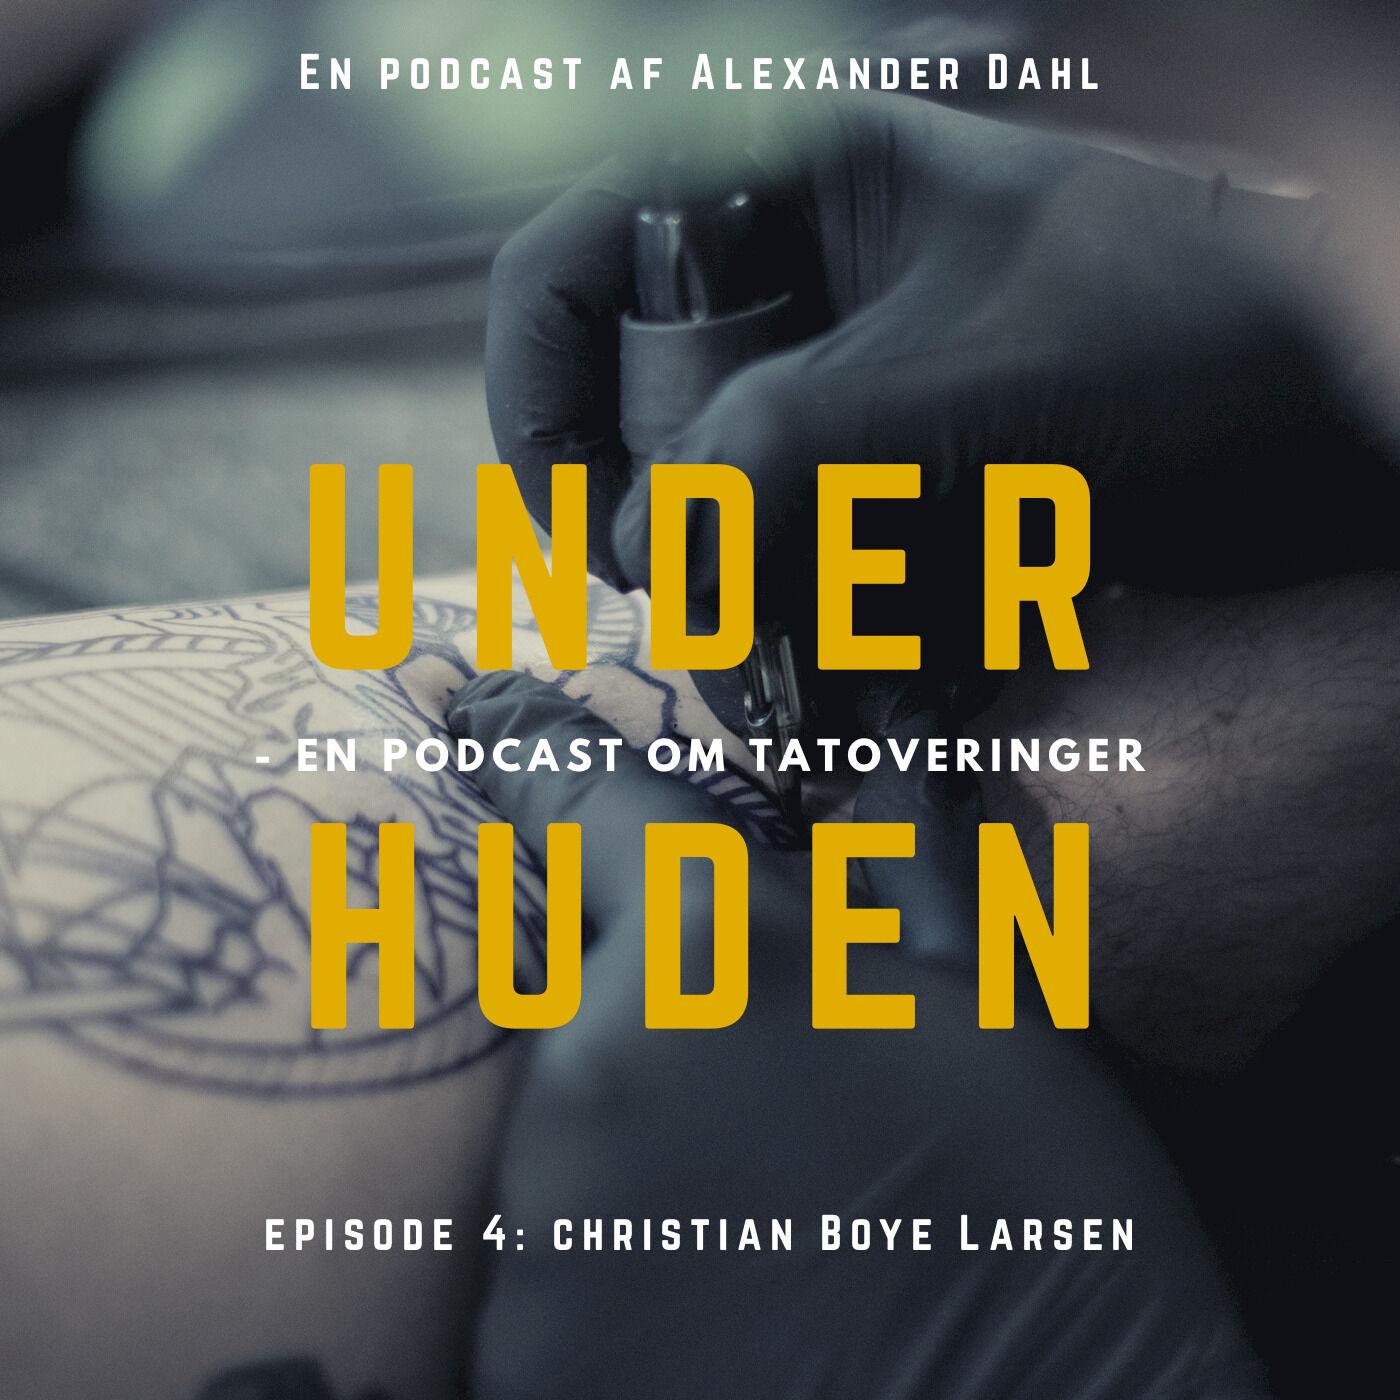 S1E4 - Christian Boye Larsen